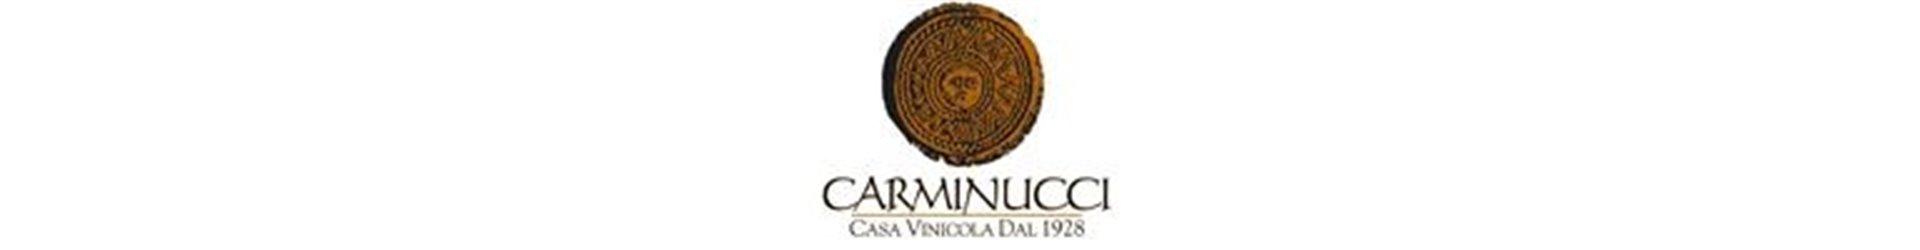 Carminucci